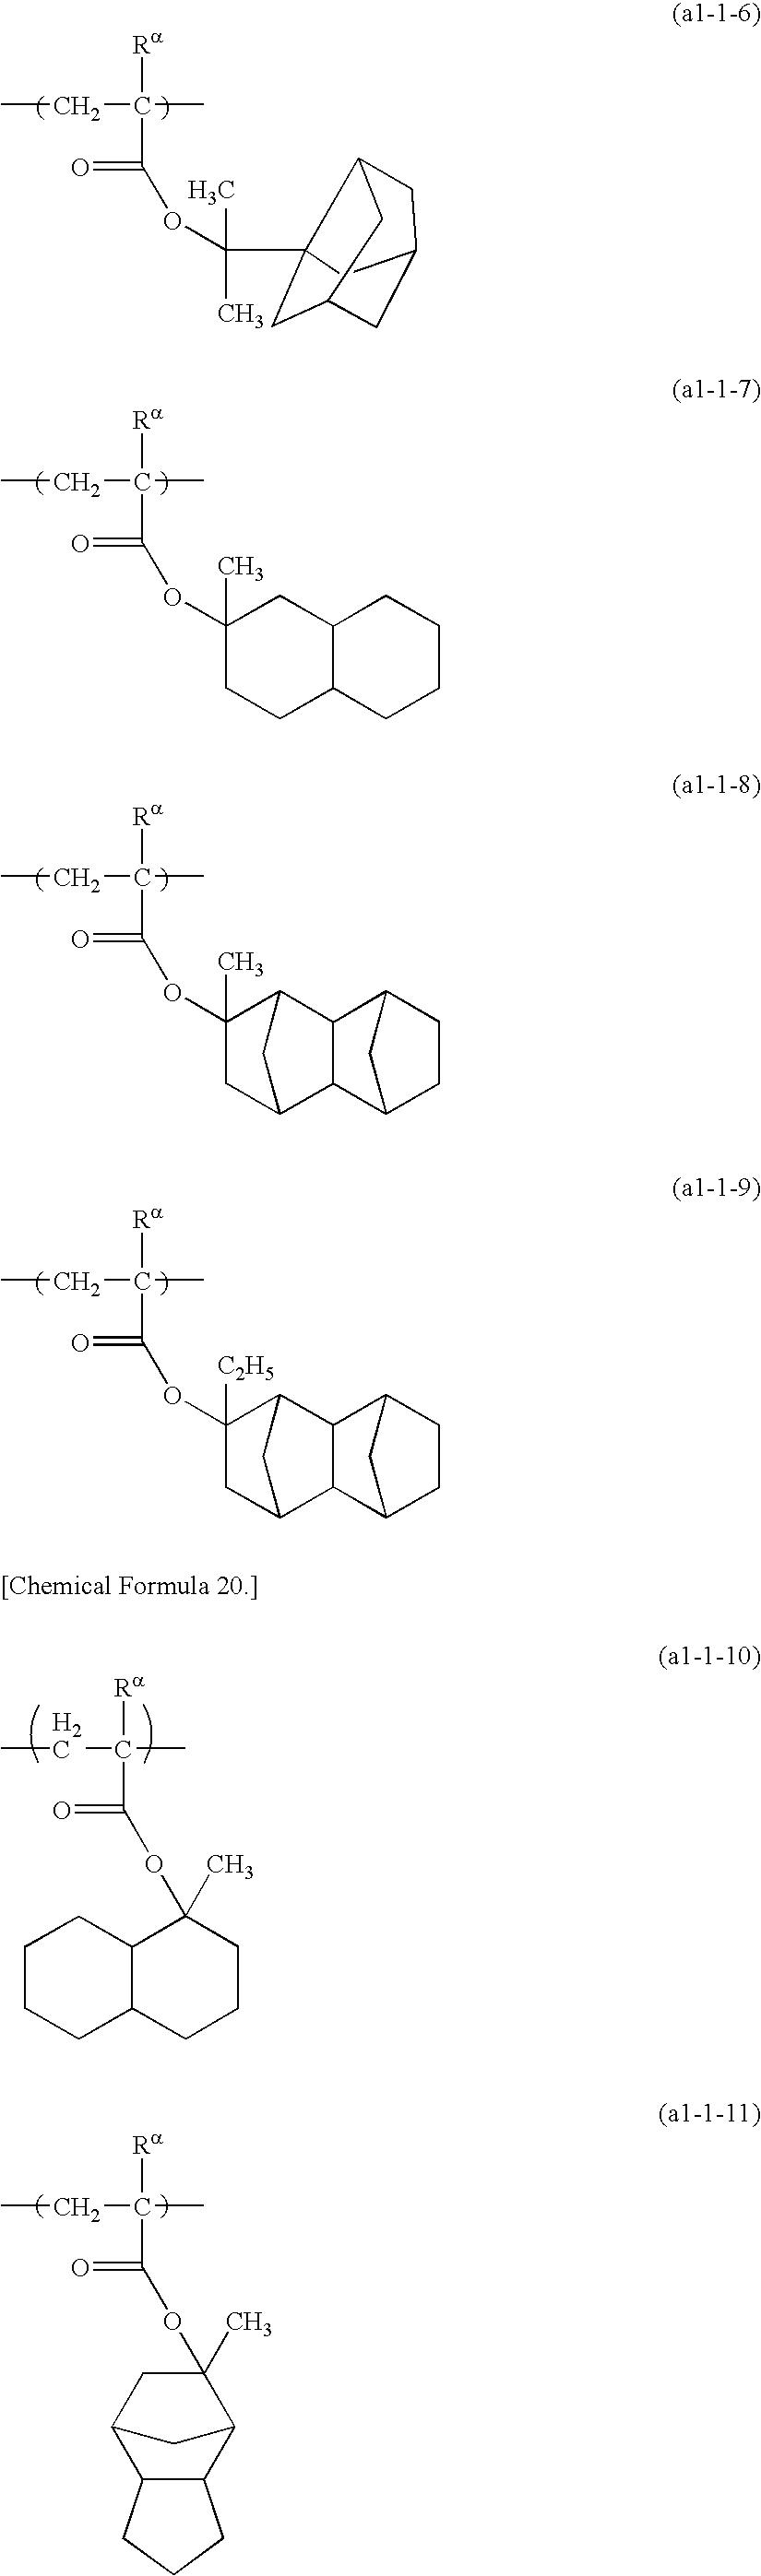 Figure US20100196821A1-20100805-C00023